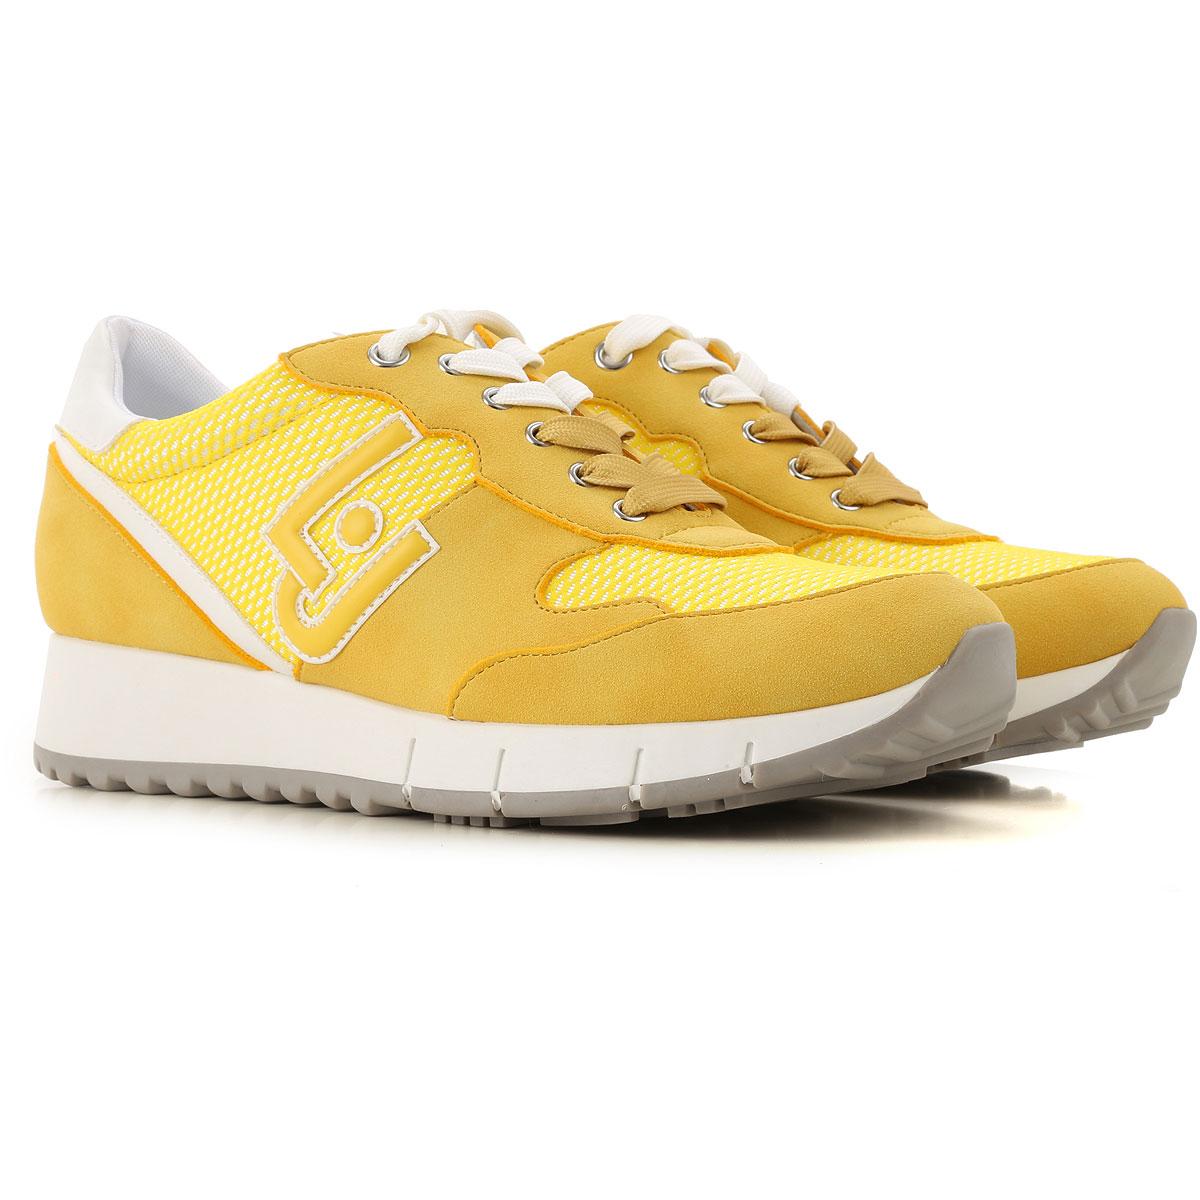 Liu Jo FluoS Shoes Fuxia Alexa running Own0Pk